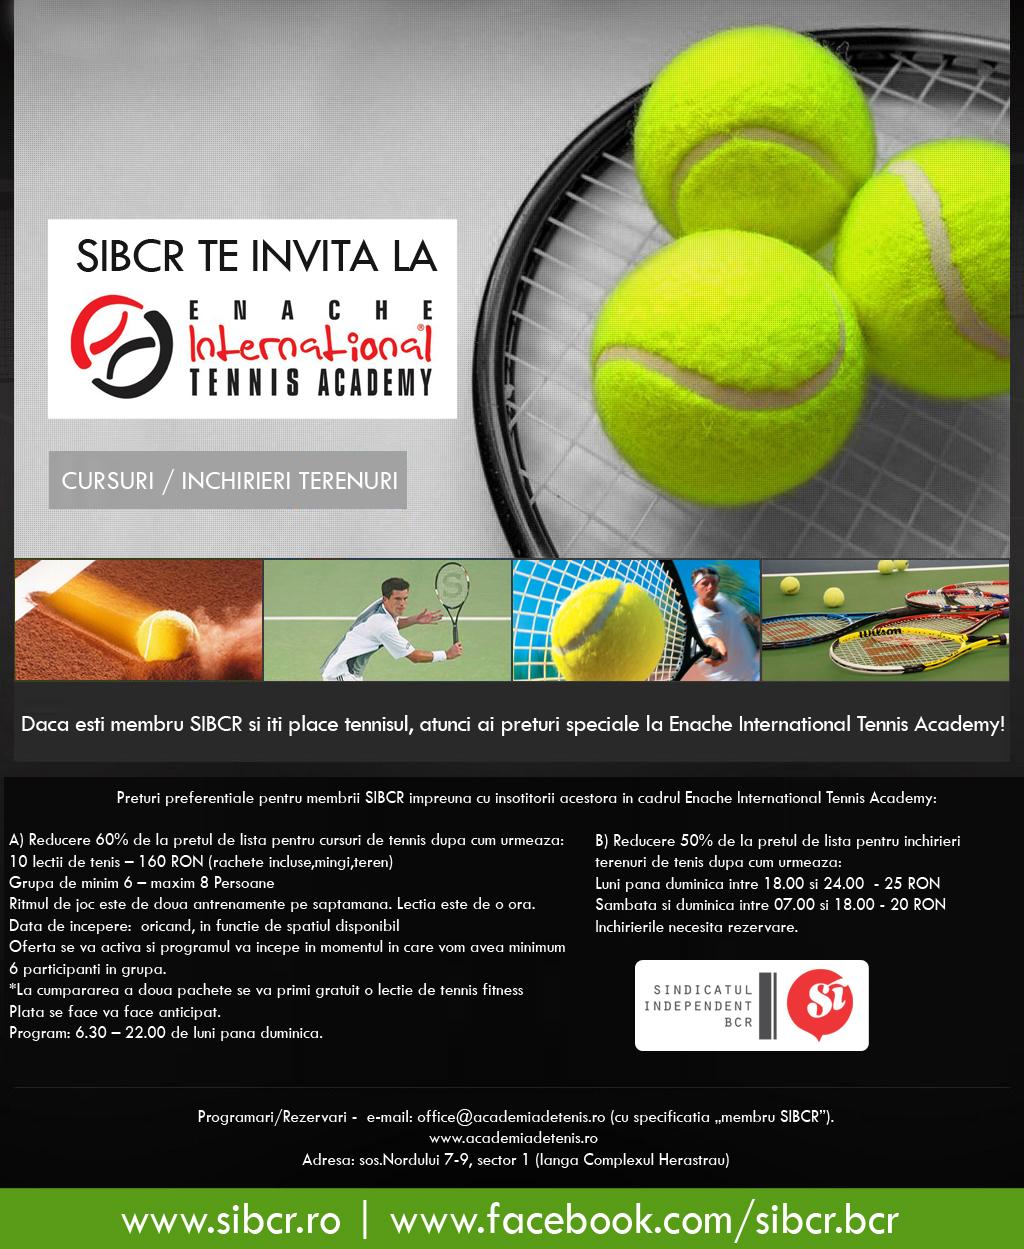 Enache Tennis Academy